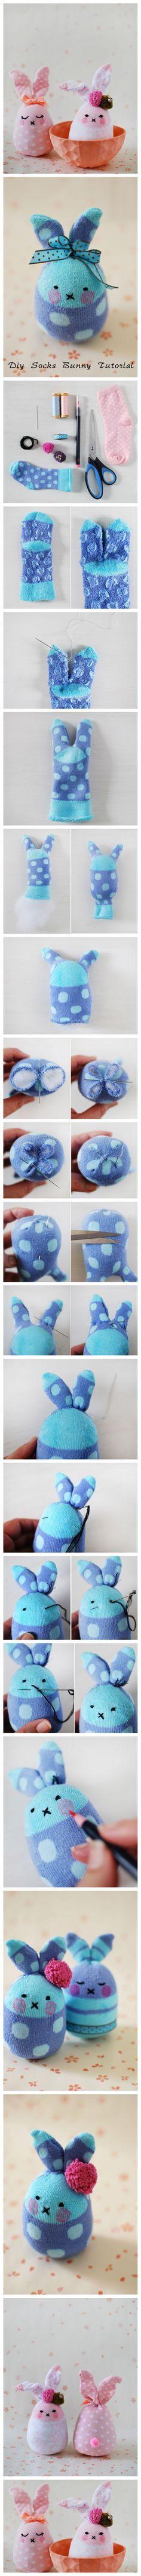 Socken Bunnies